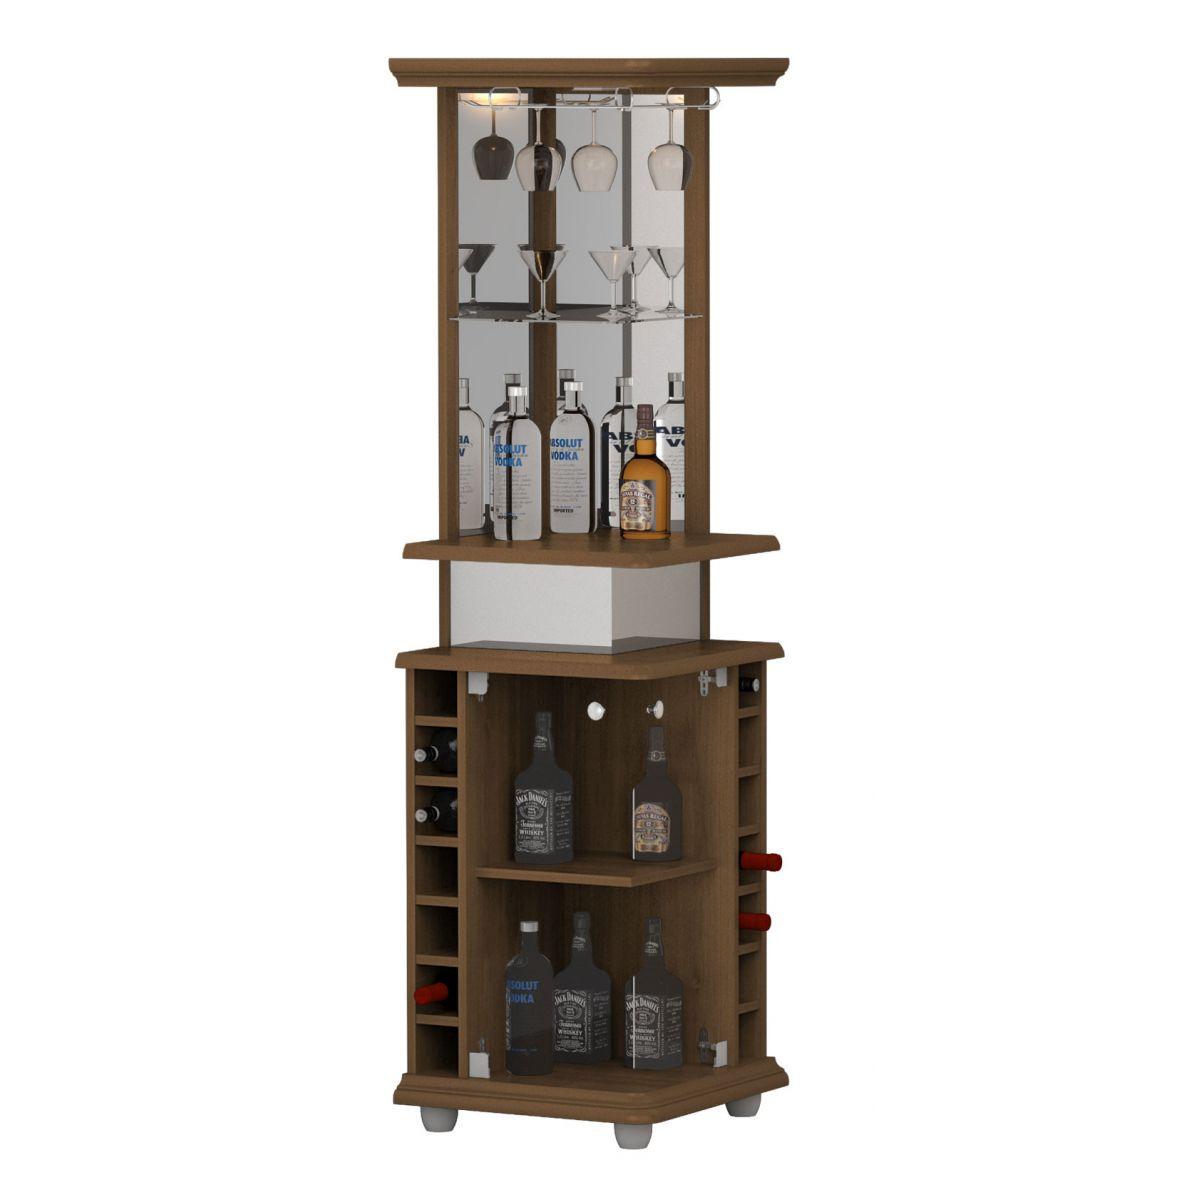 #634931 Bar De Canto Drink Imcal Móveisaqui R$ 459 99 em Mercado Livre 1200x1200 píxeis em Bar De Parede Para Sala De Estar